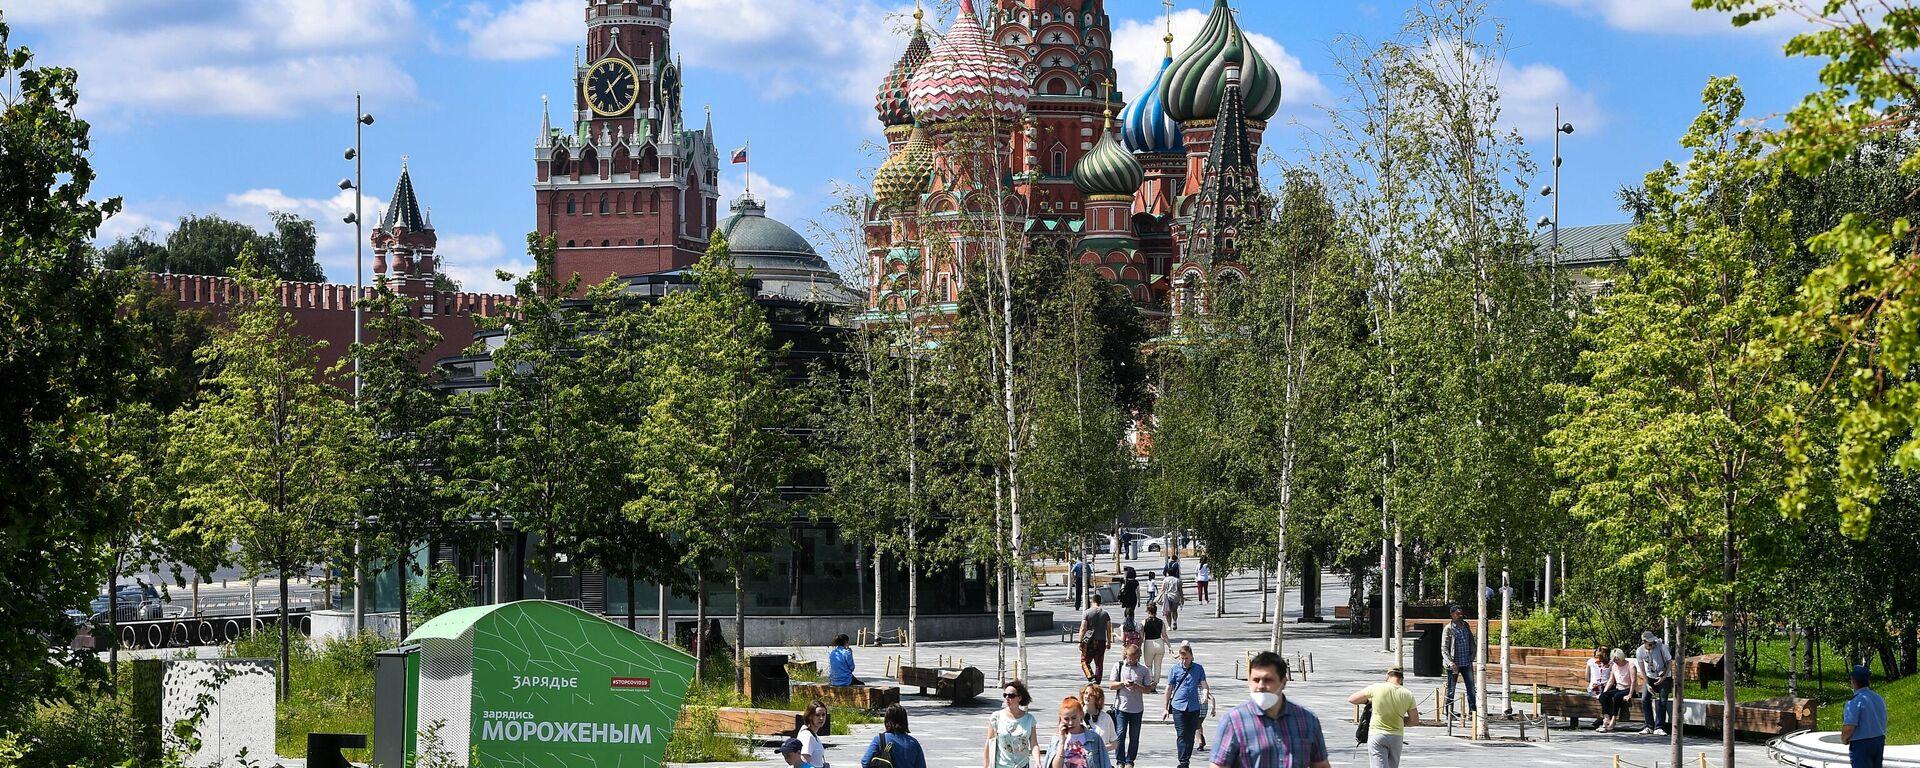 Отдыхающие в природно-ландшафтном парке Зарядье в Москве - Sputnik Узбекистан, 1920, 29.08.2021